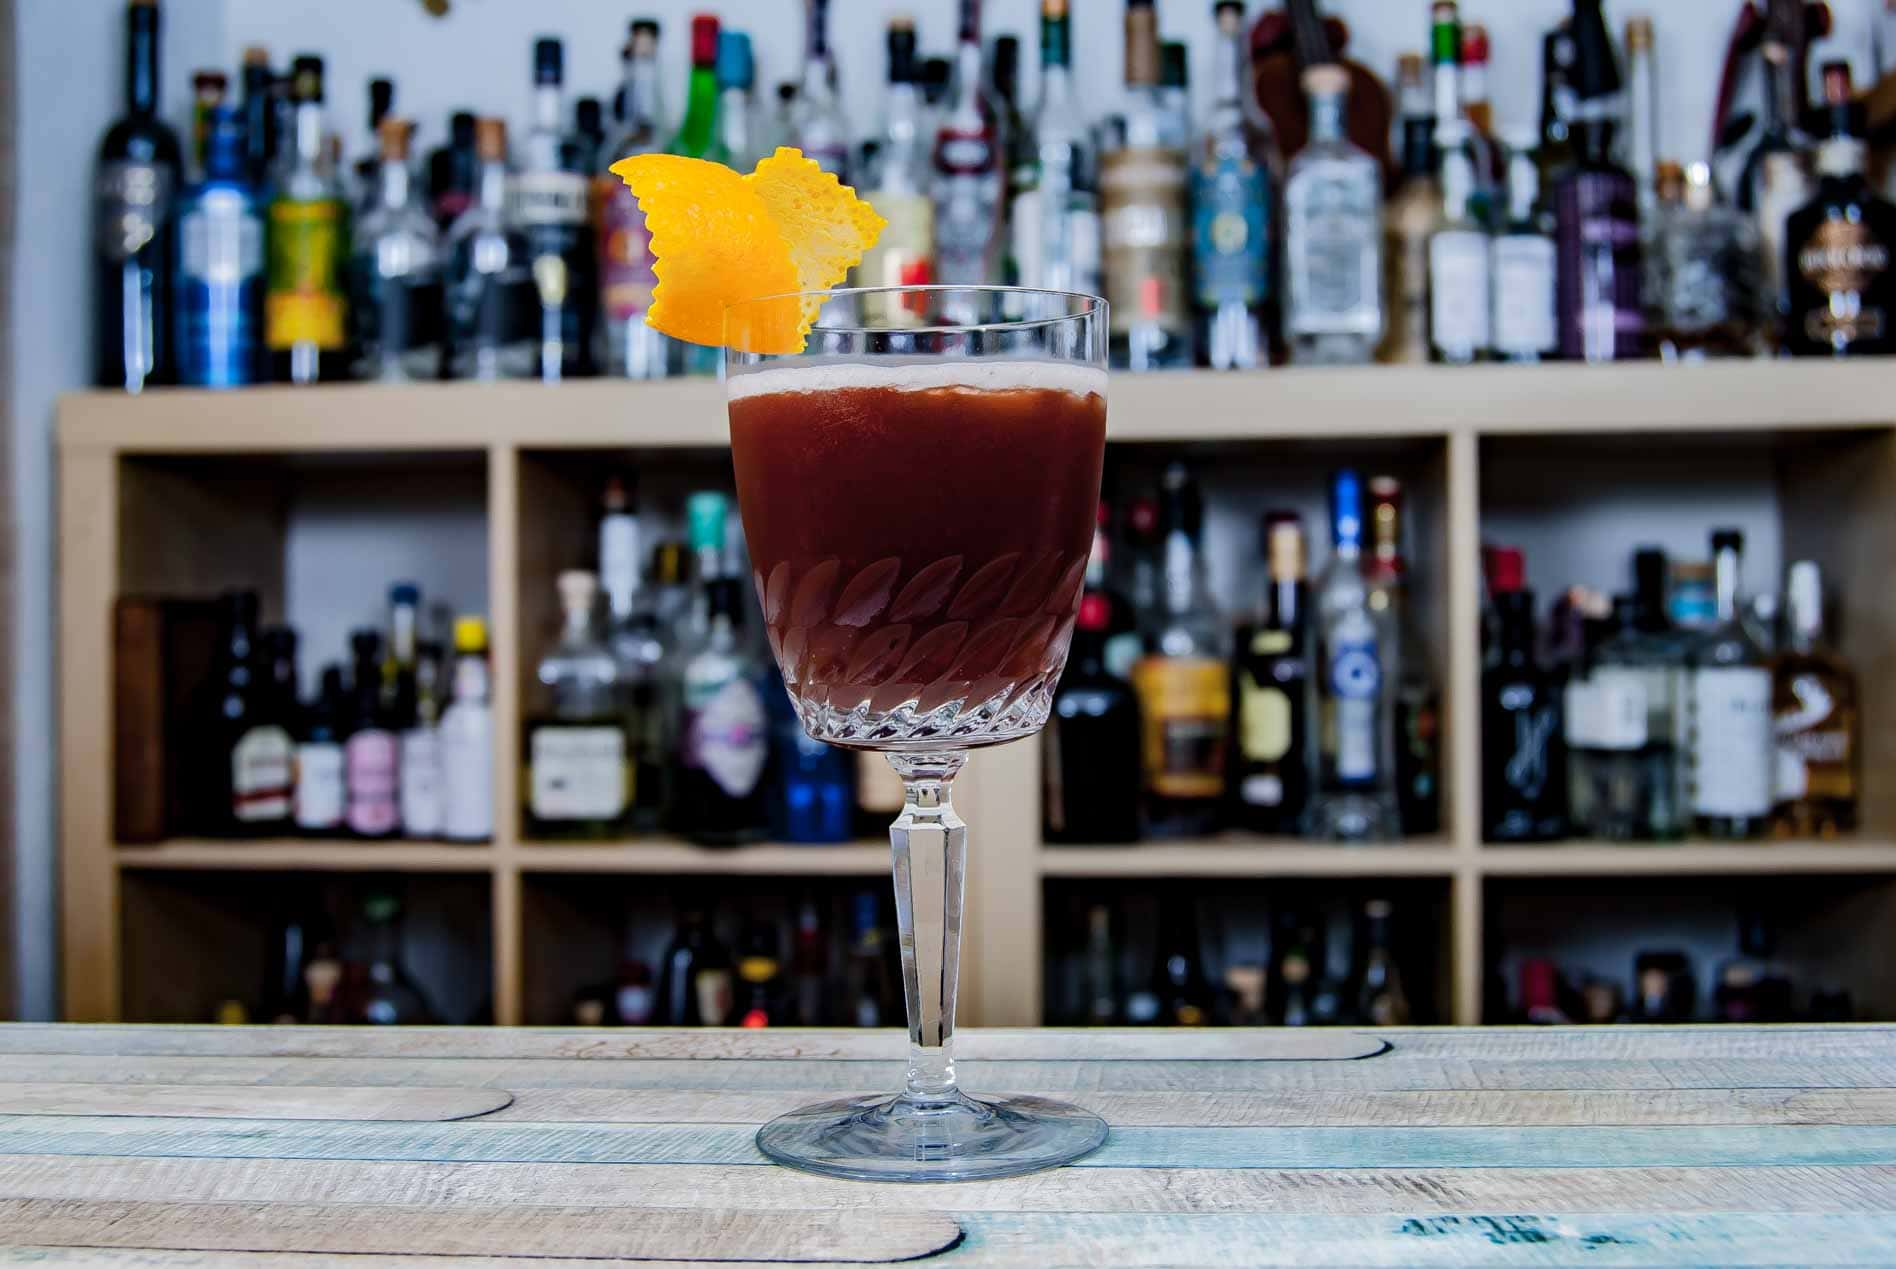 Der Blood and Sand-Cocktail wird mit schottischem Whisky, Orangensat, rotem Wermut und Kirschlikör gemixt.